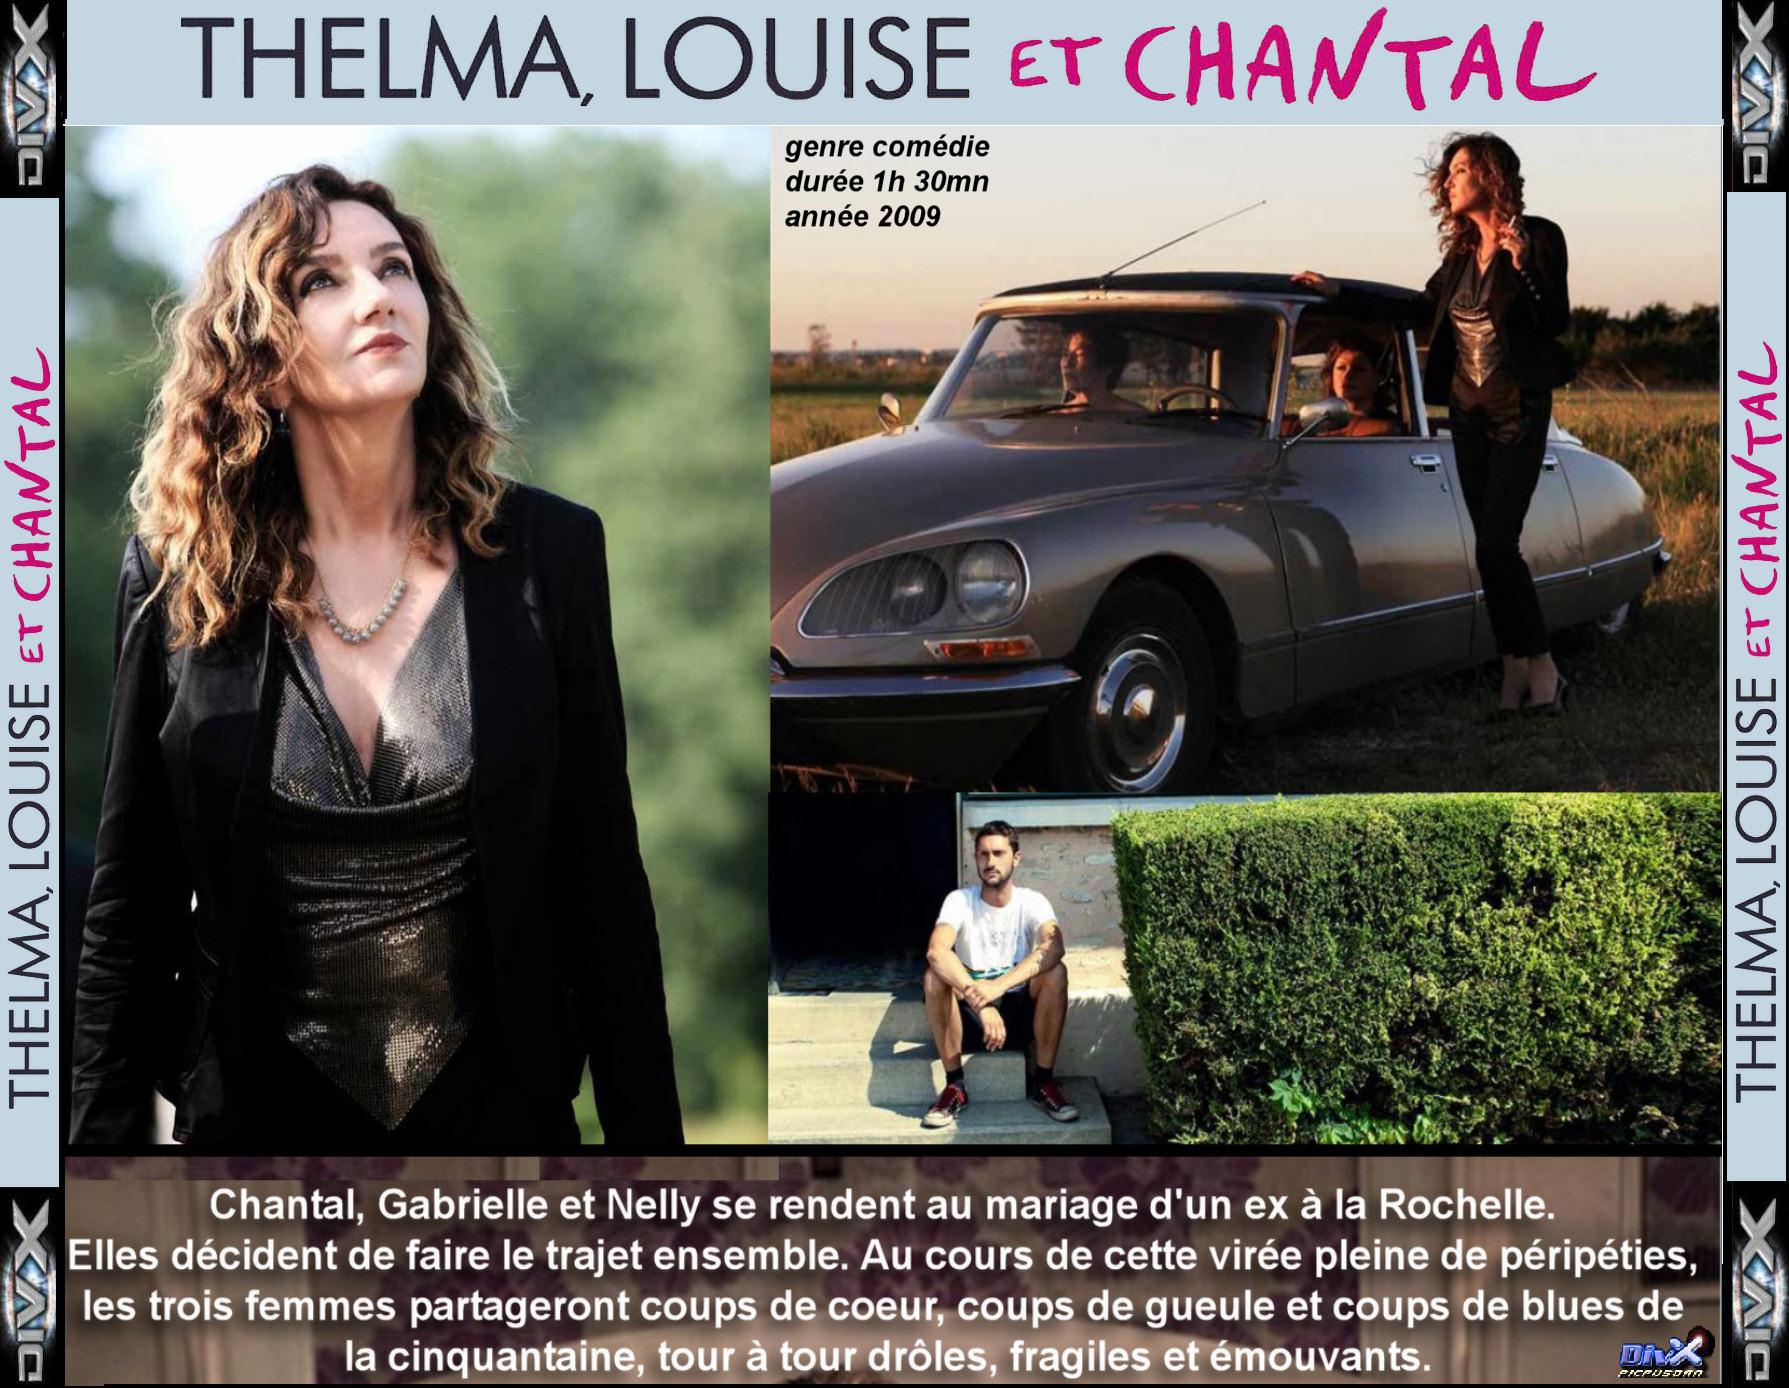 Thelma Louise 5